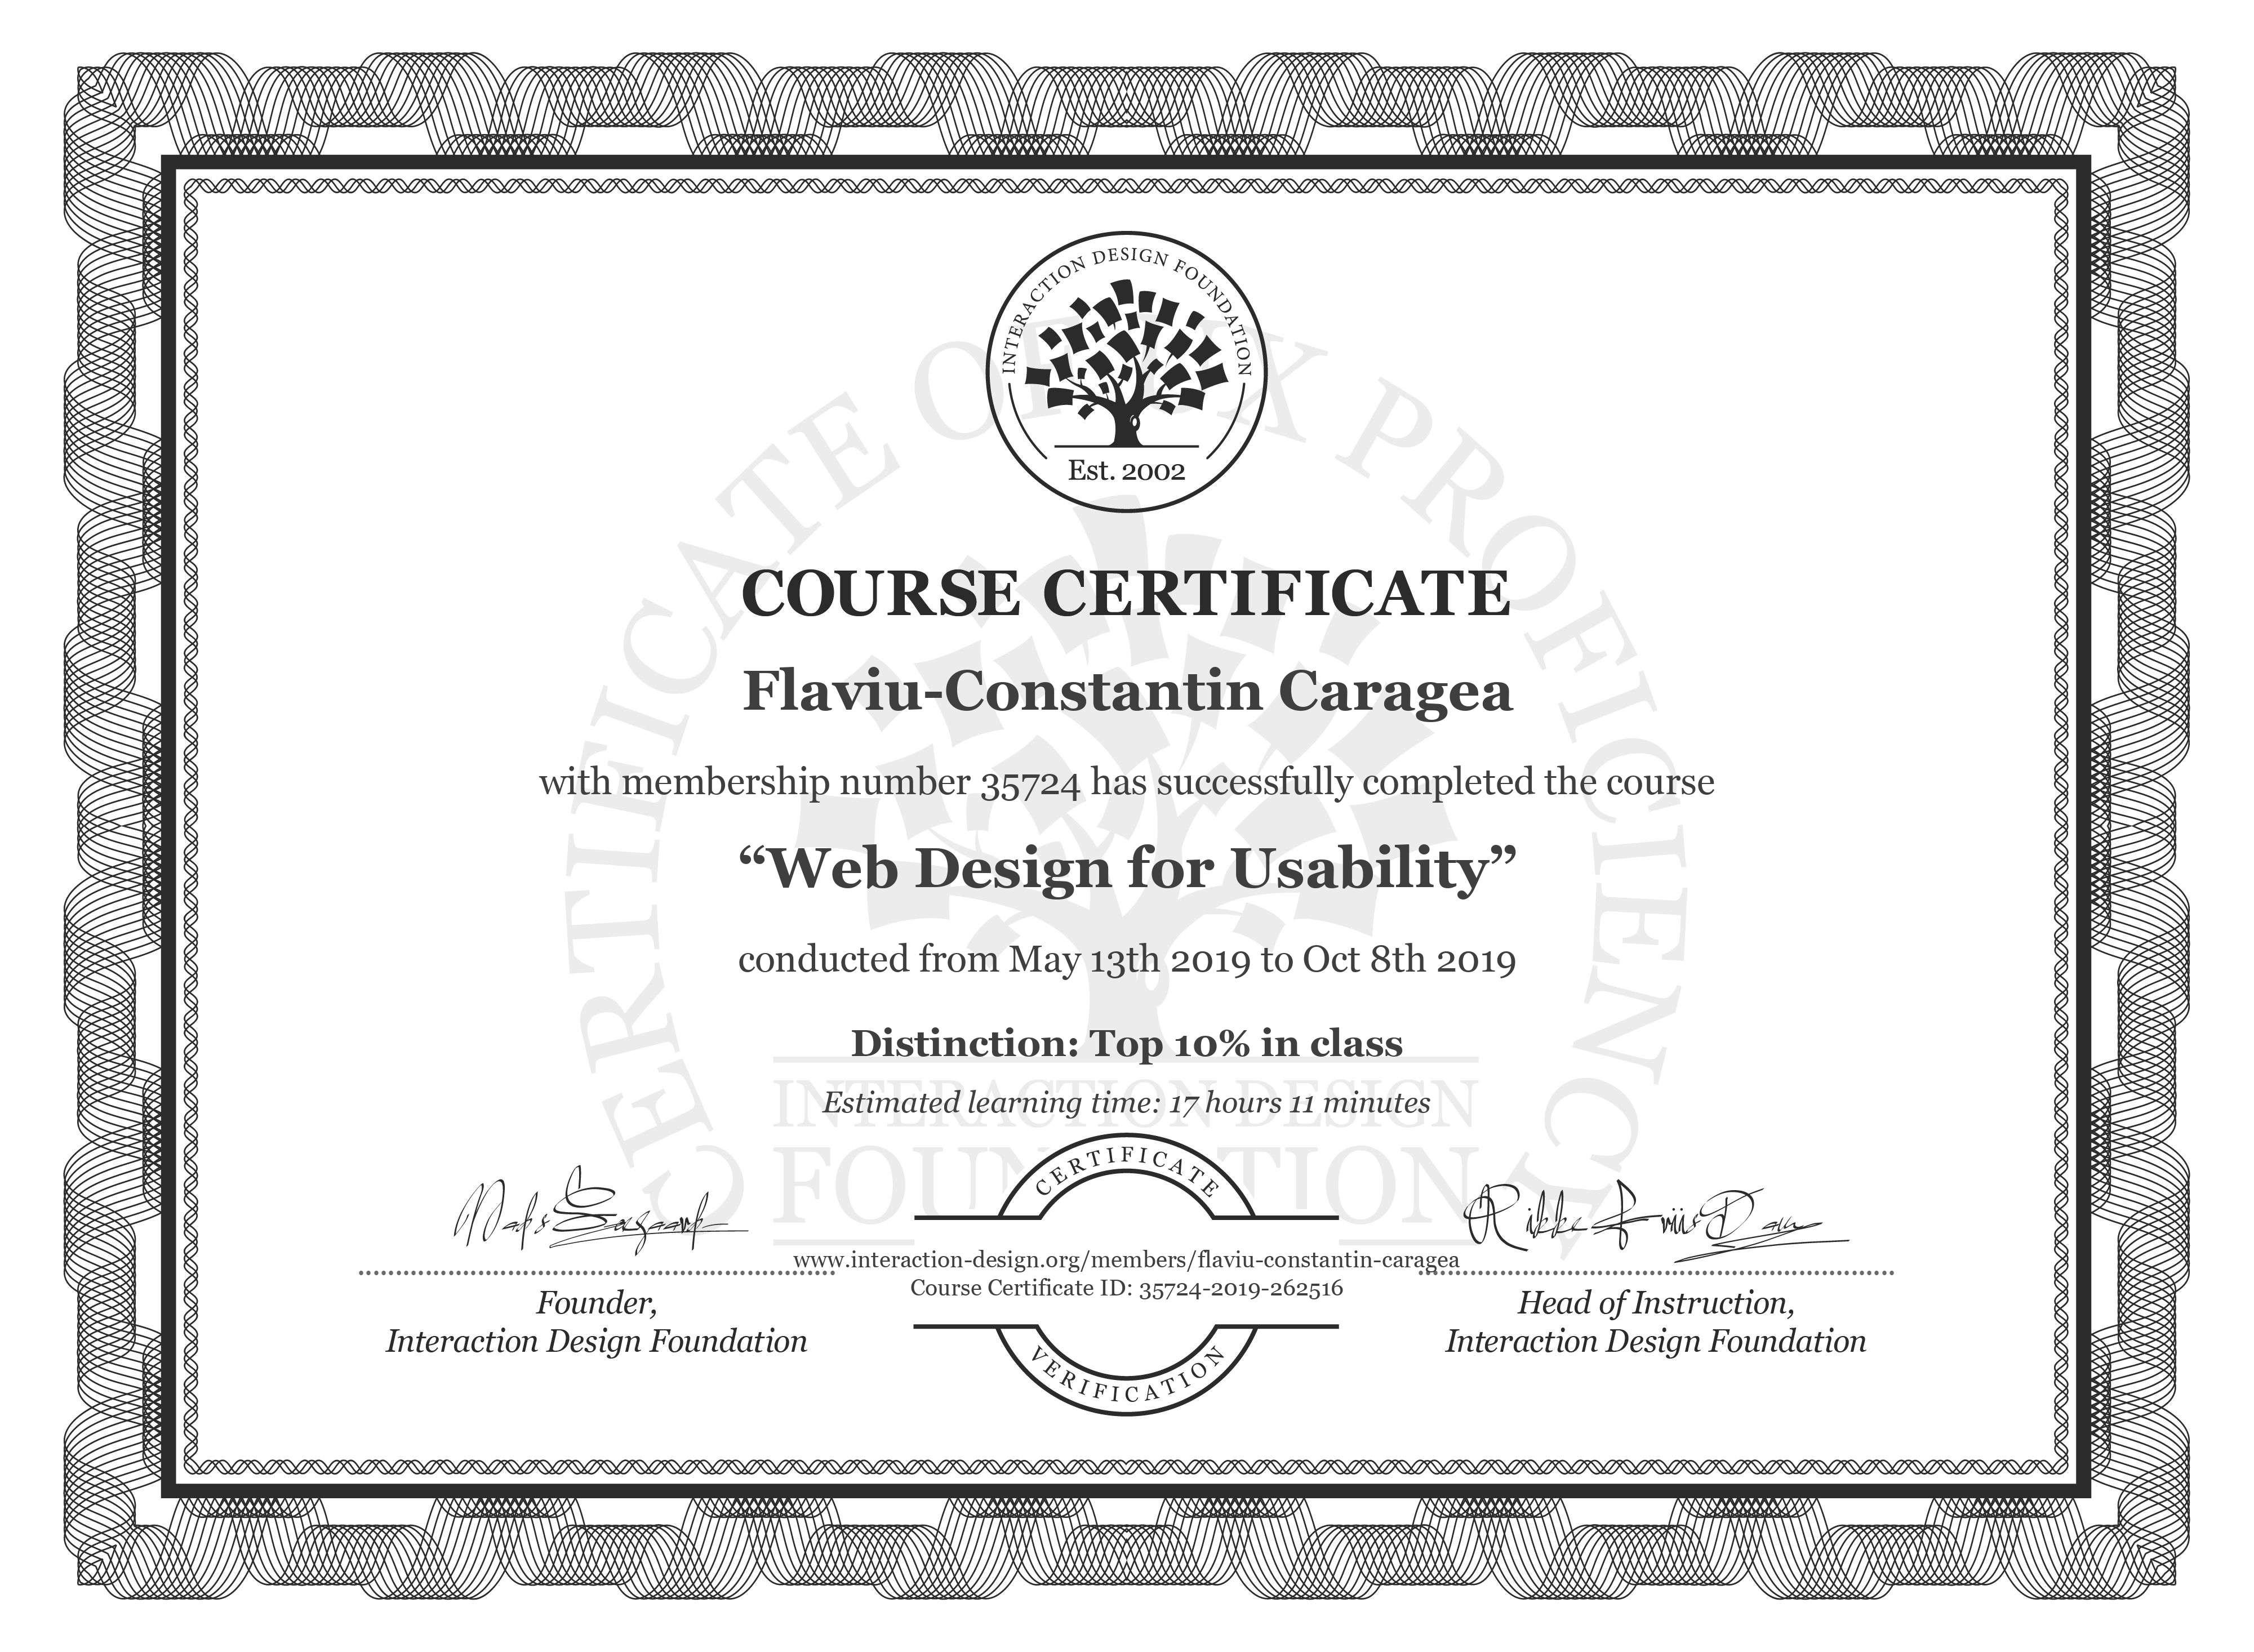 Flaviu-Constantin Caragea: Course Certificate - Web Design for Usability